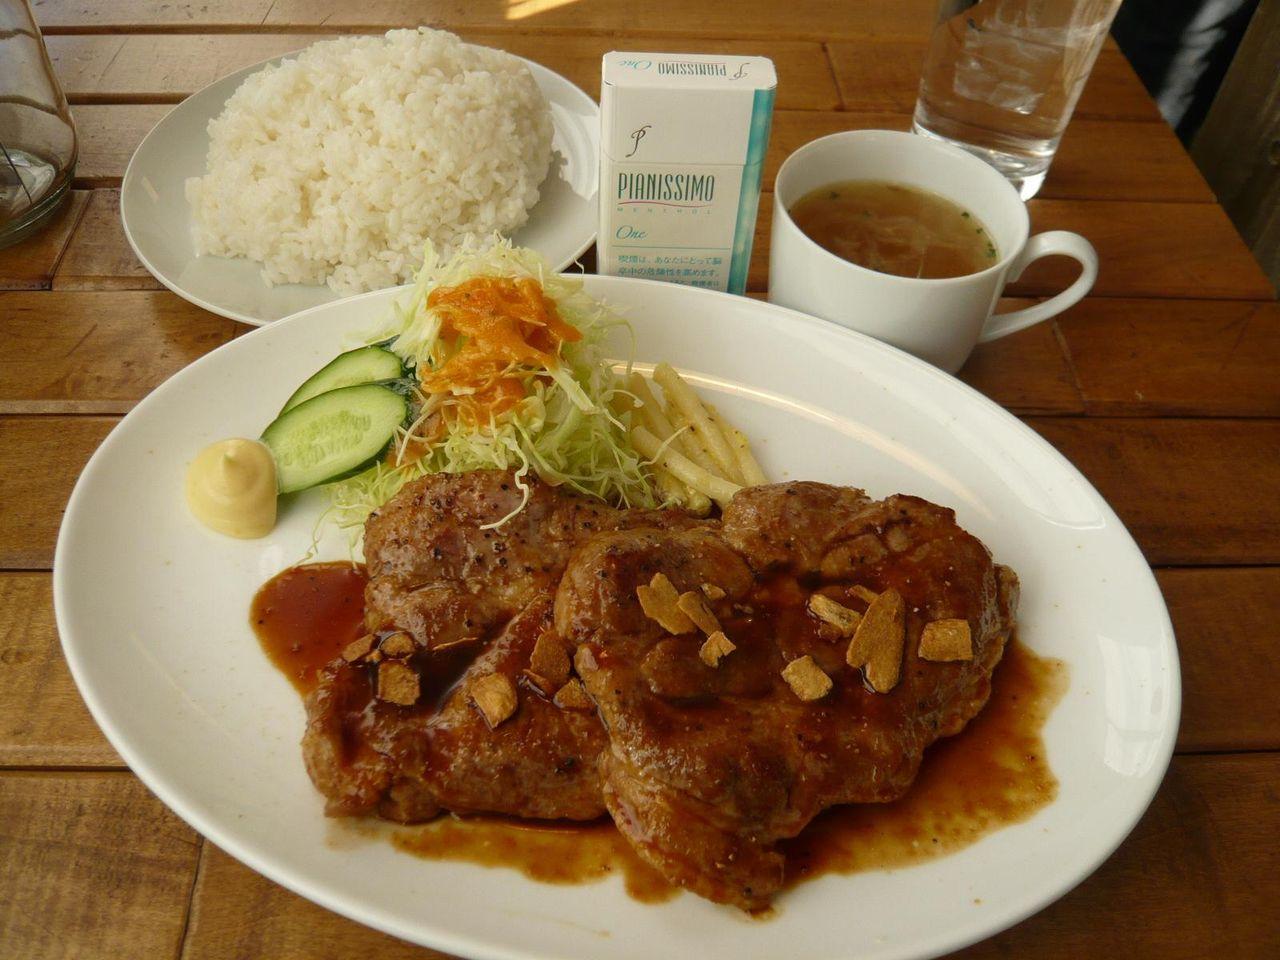 トンテキ肉ダブル(大盛、ライス・スープのお替り無料)1,380円